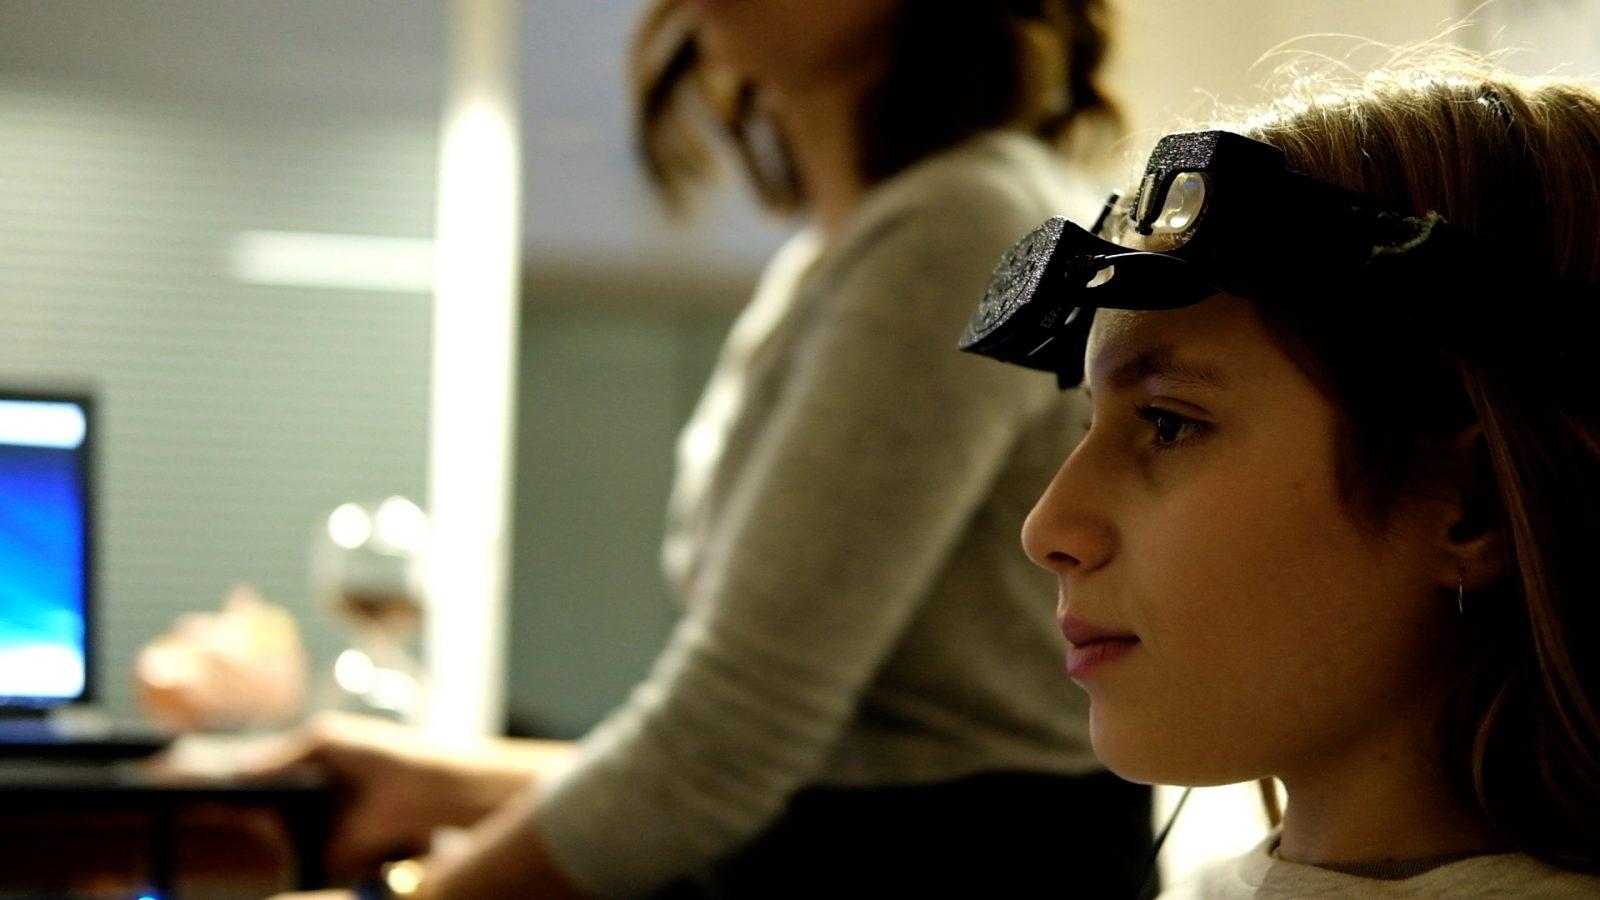 Neurofeedback avec un casque Eeg de relaxation